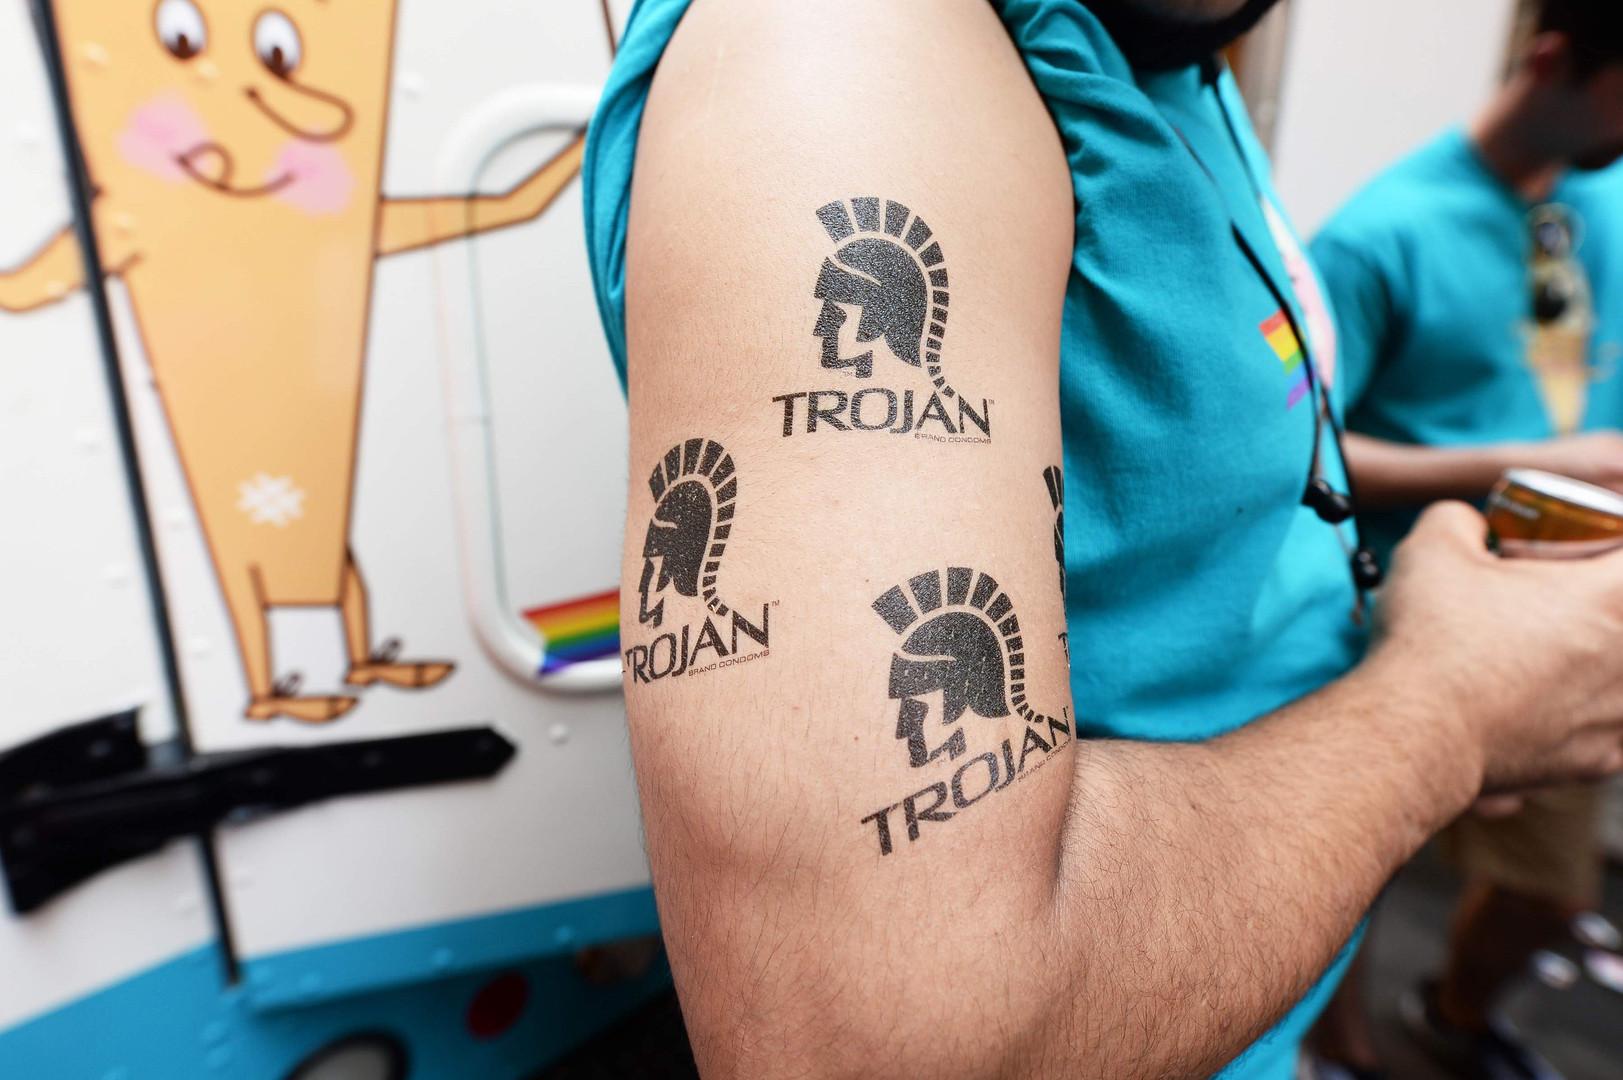 10_Trojan_Parade.jpg